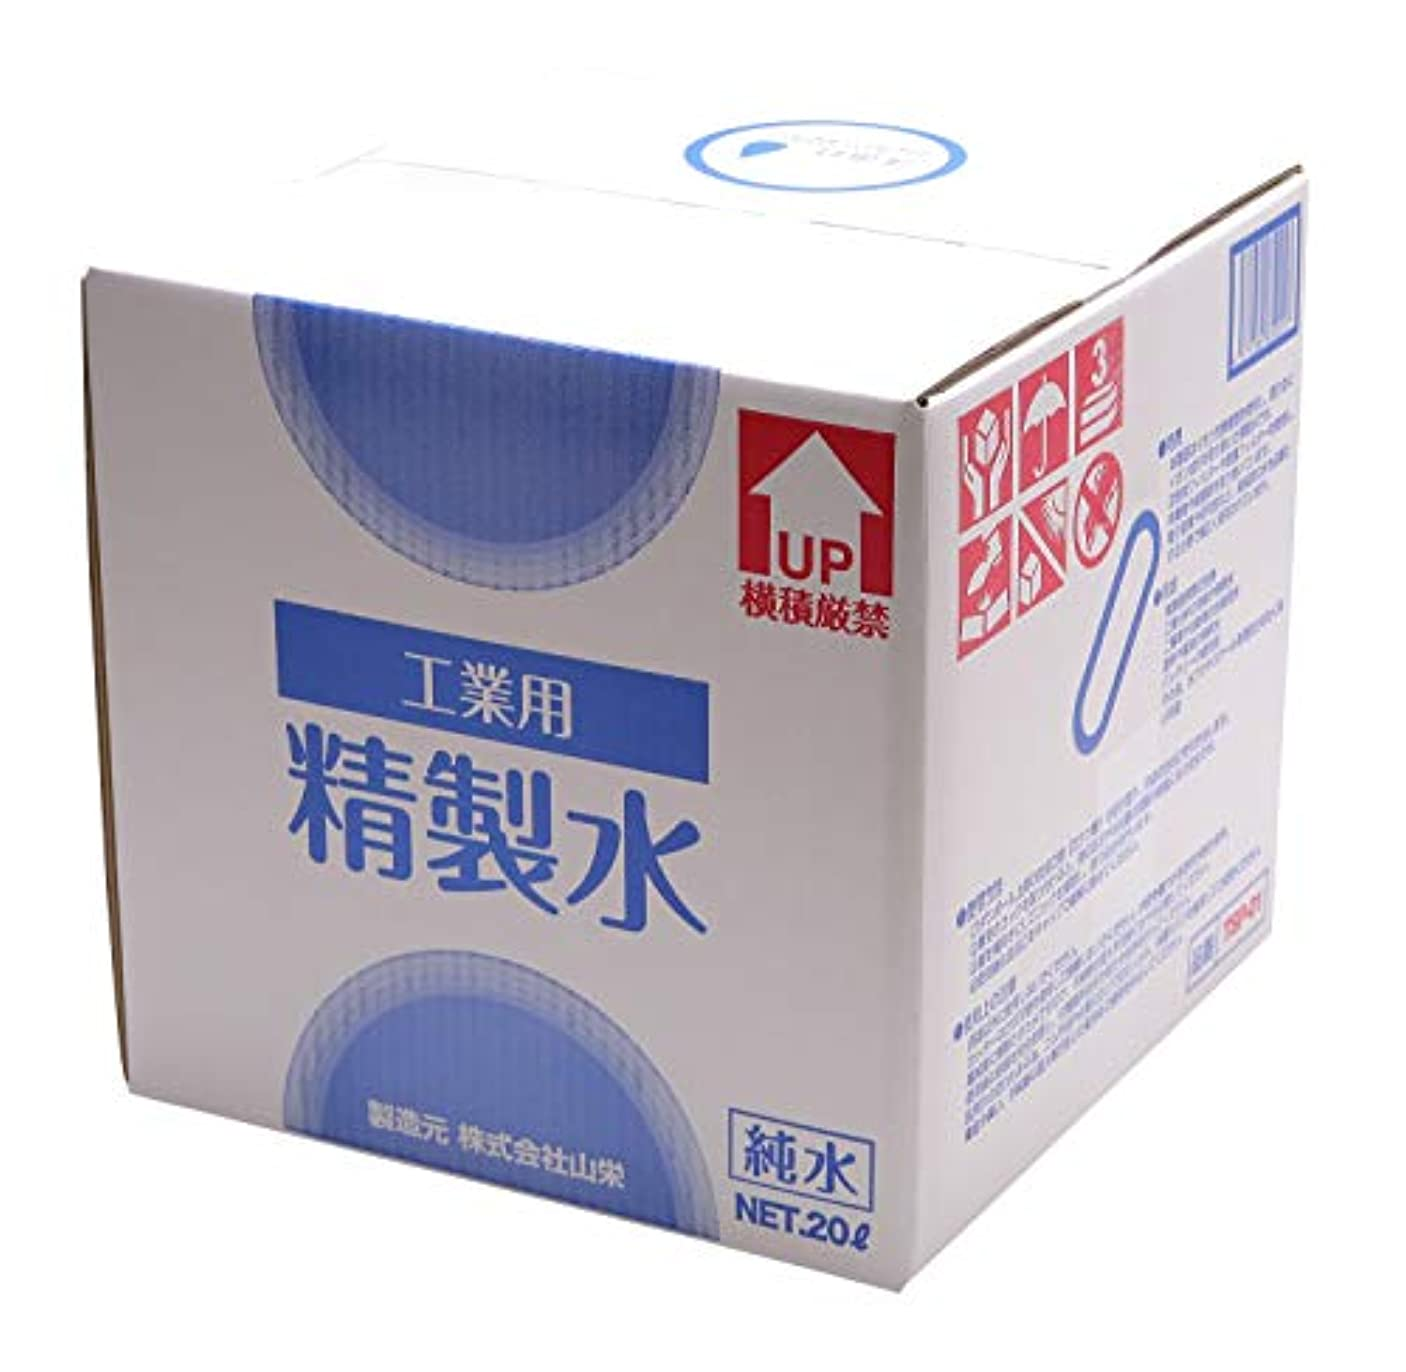 そばに時系列ウィザードサンエイ化学 工業用精製水 純水 20L×1箱 コック付き 【スチーマー 加湿器 オートクレーブ エステ 美容 歯科】